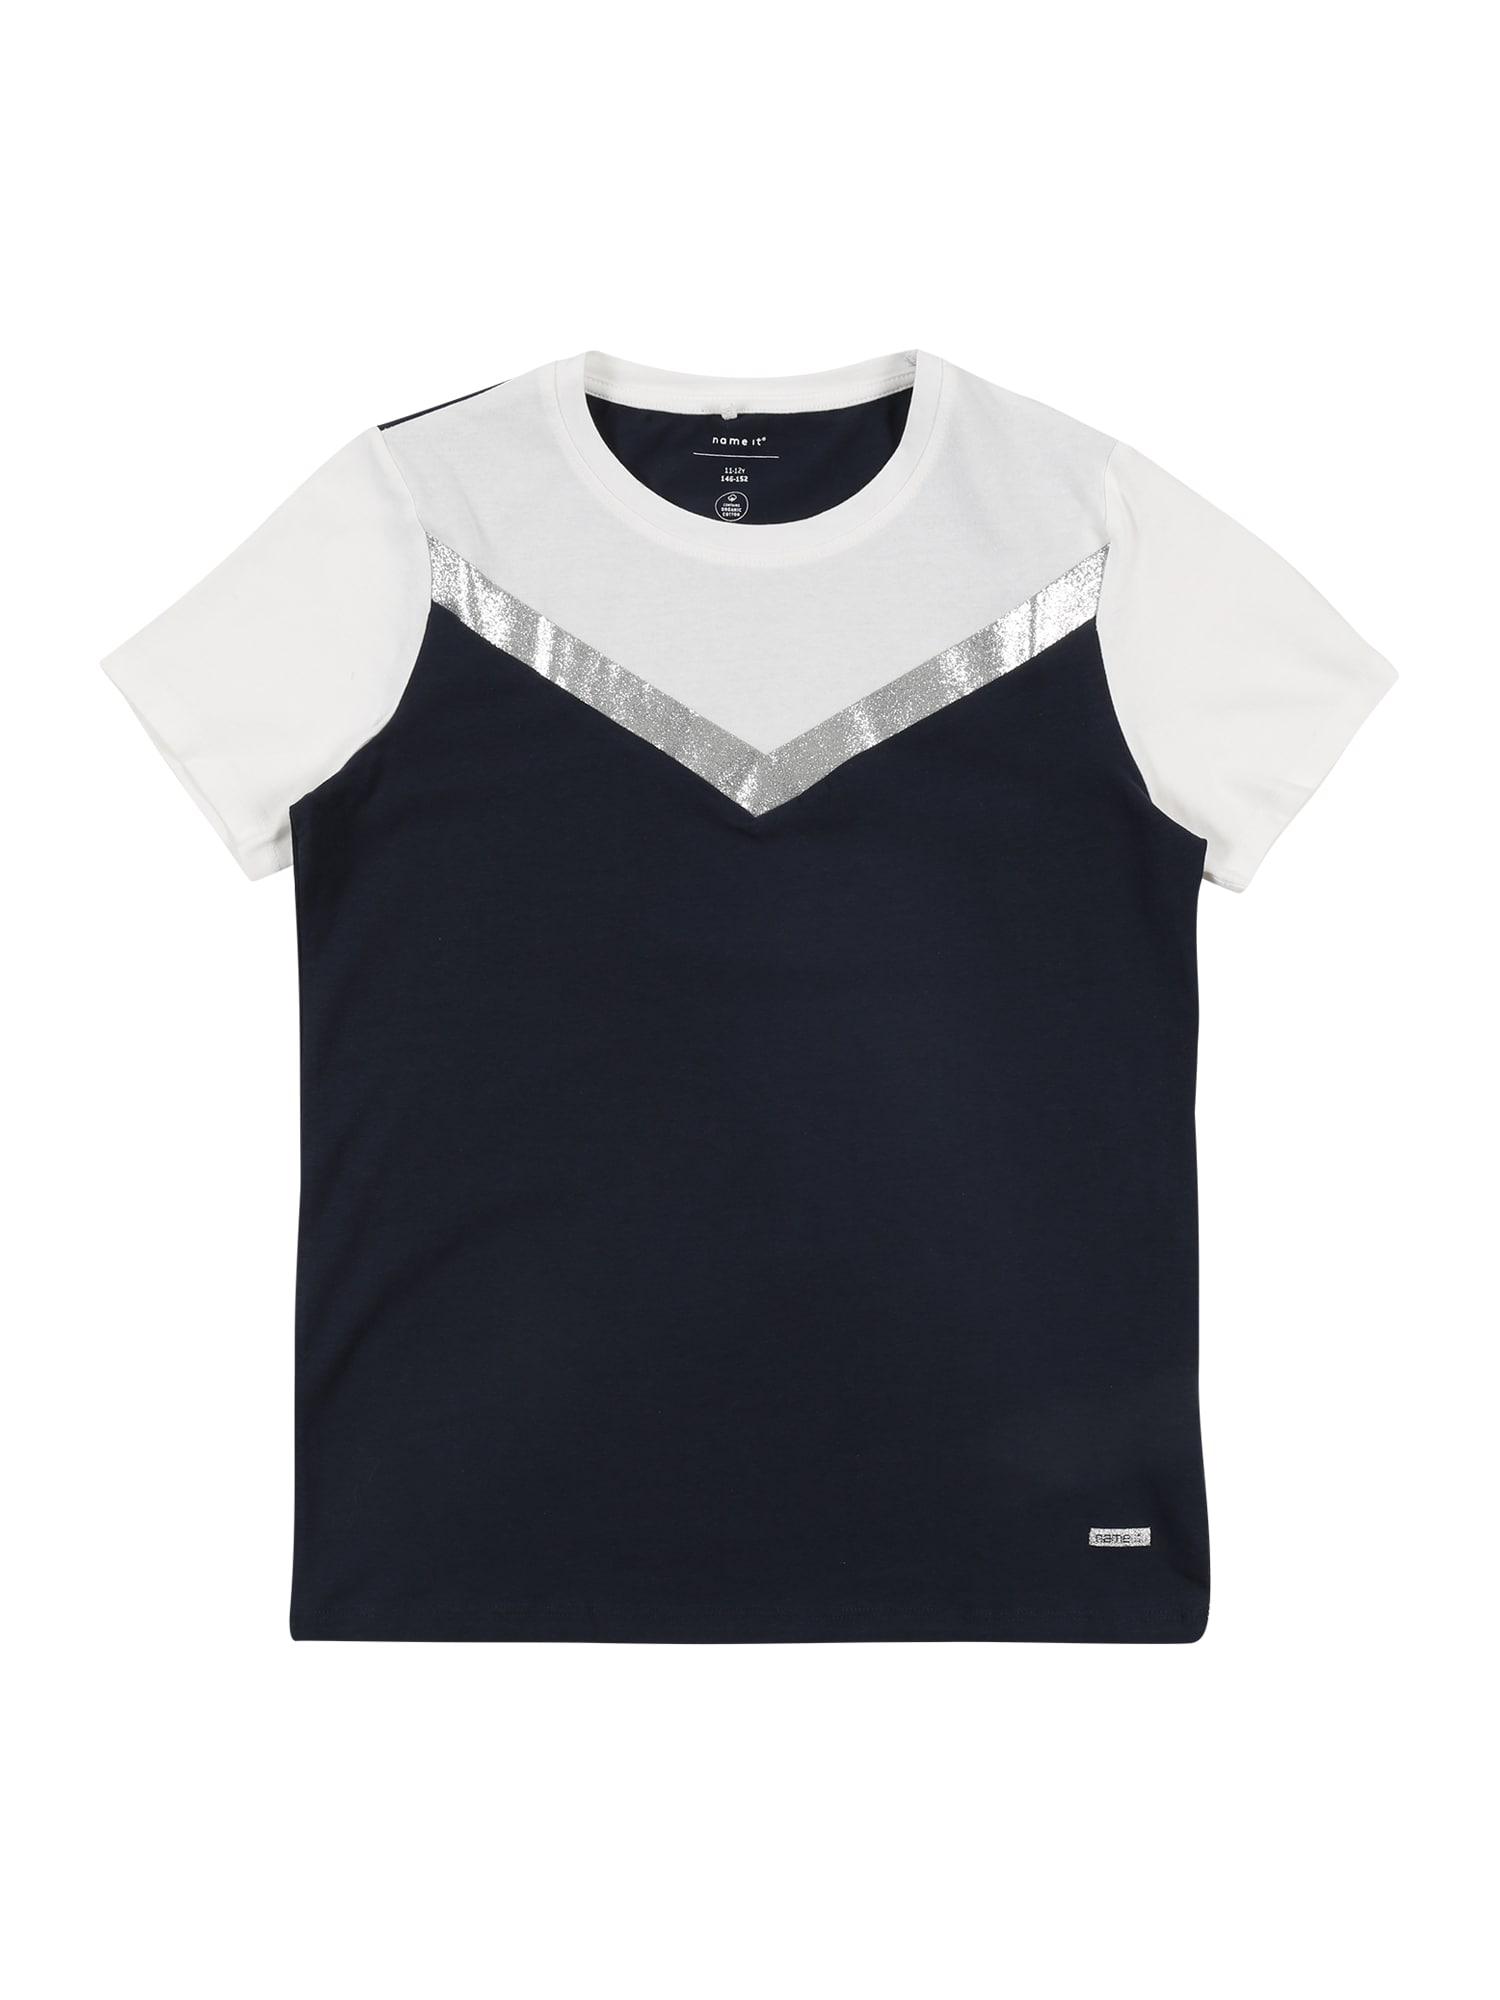 NAME IT Tričko  námořnická modř / stříbrná / bílá